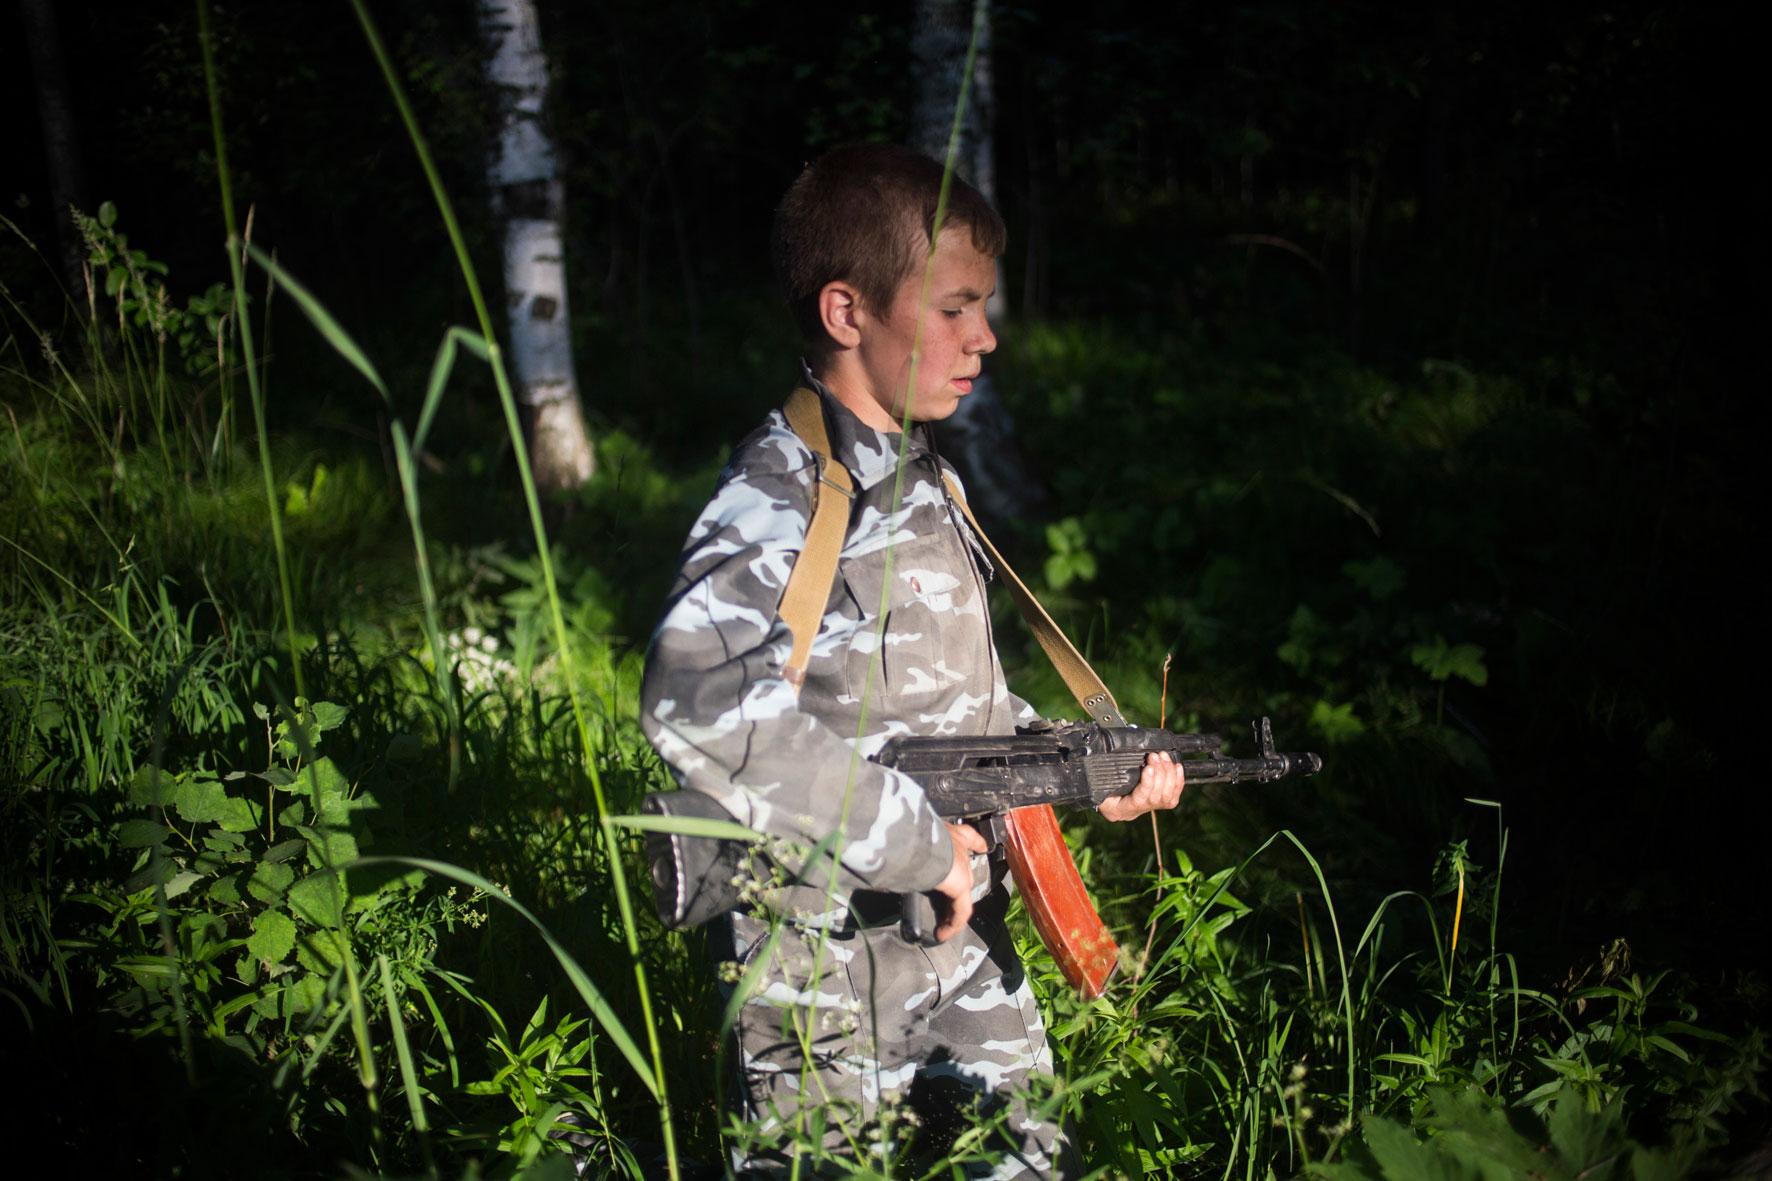 Während des »Marsh Brosok«, einem Kriegspiel zum Ende der Lagerzeit, geht ein Junge mit einer echten AK-47 der Sonne entgegen.